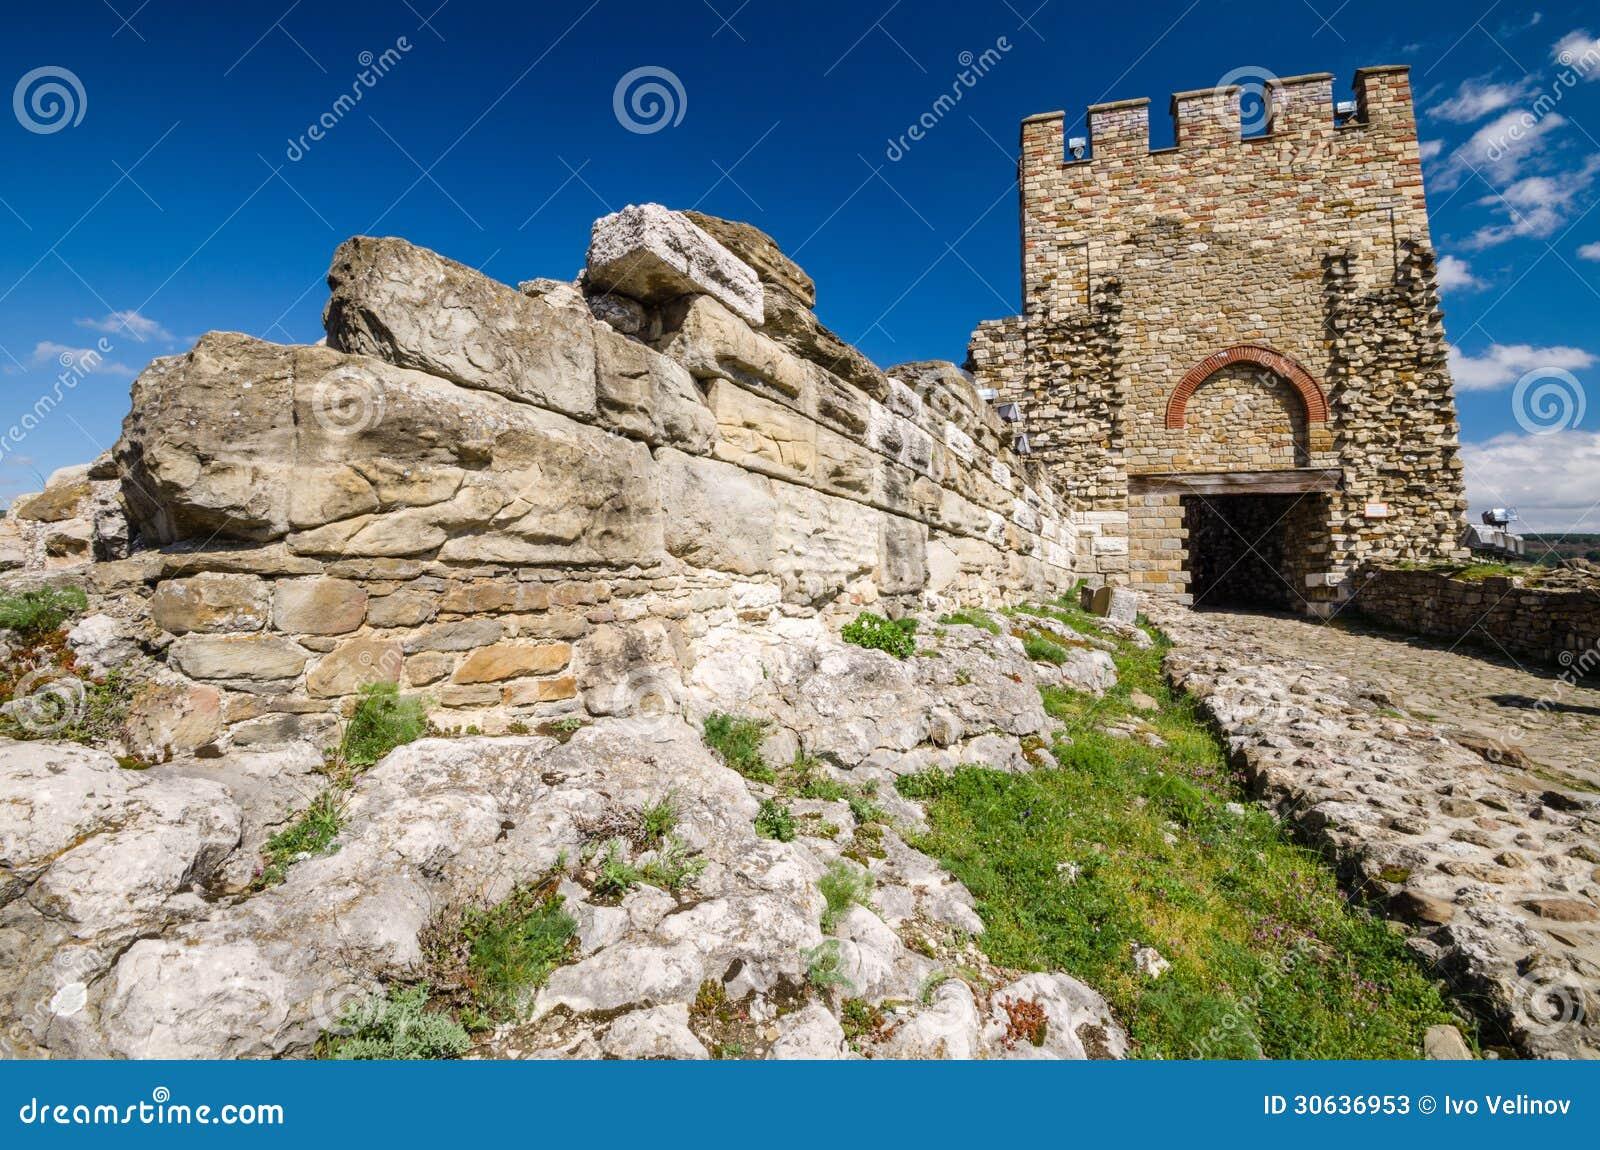 Veliko Tarnovo Bulgaria  city images : Tubo principal de la fortaleza de Tzarevetz, Veliko Tarnovo, Bulgaria.